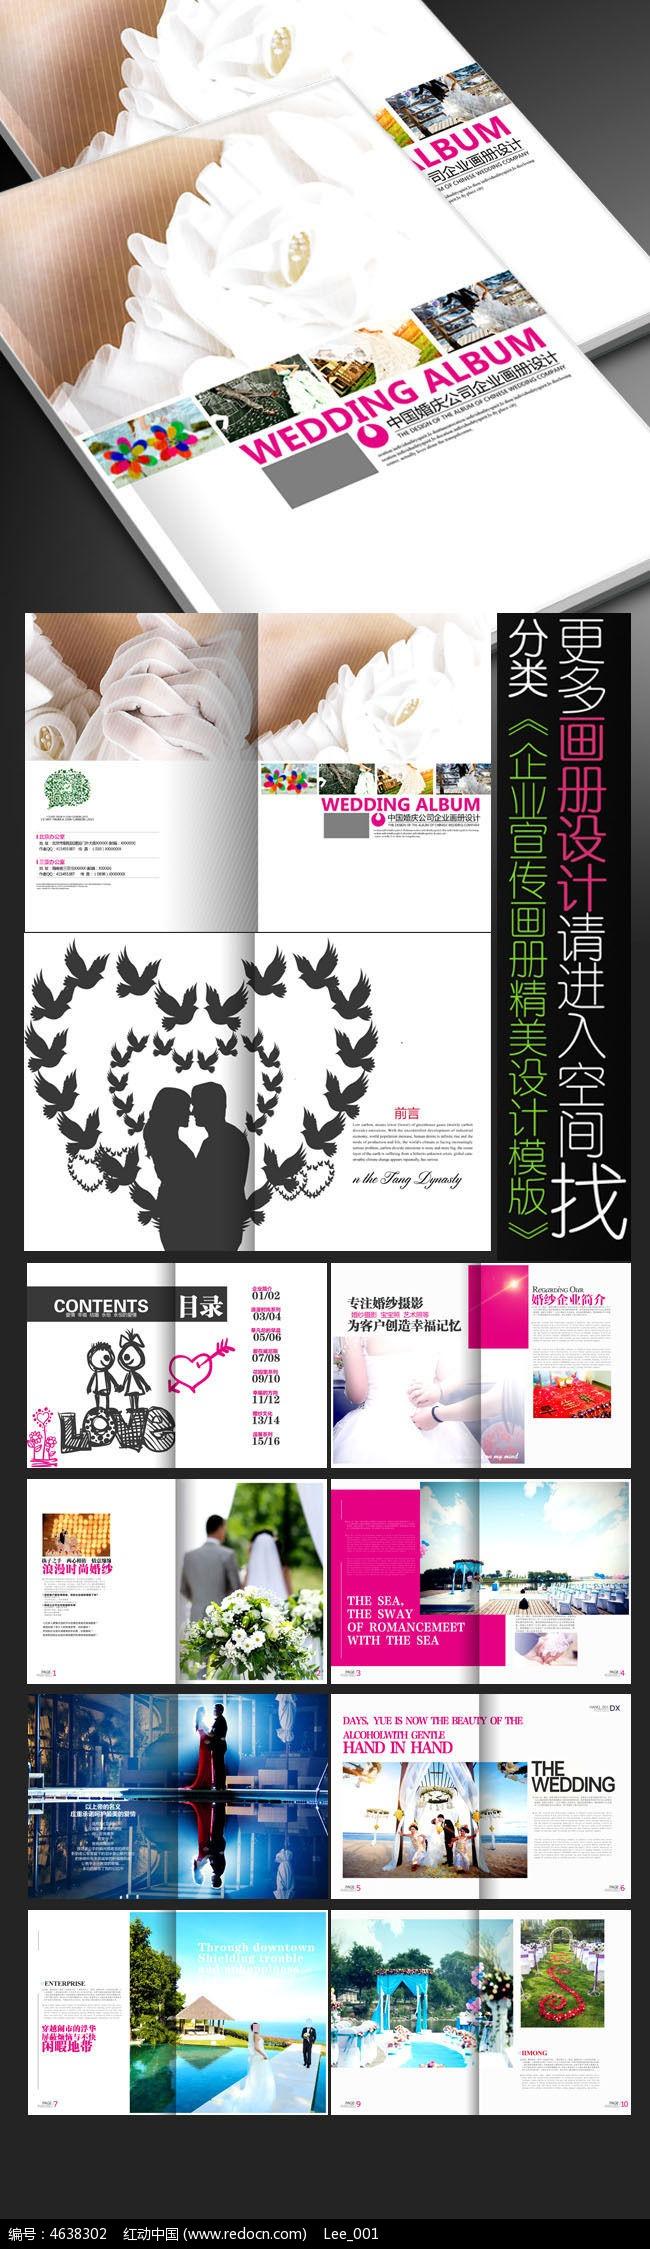 公司形象册 花店画册 画册板式 画册模板 画册素材 婚礼画册 婚庆画册